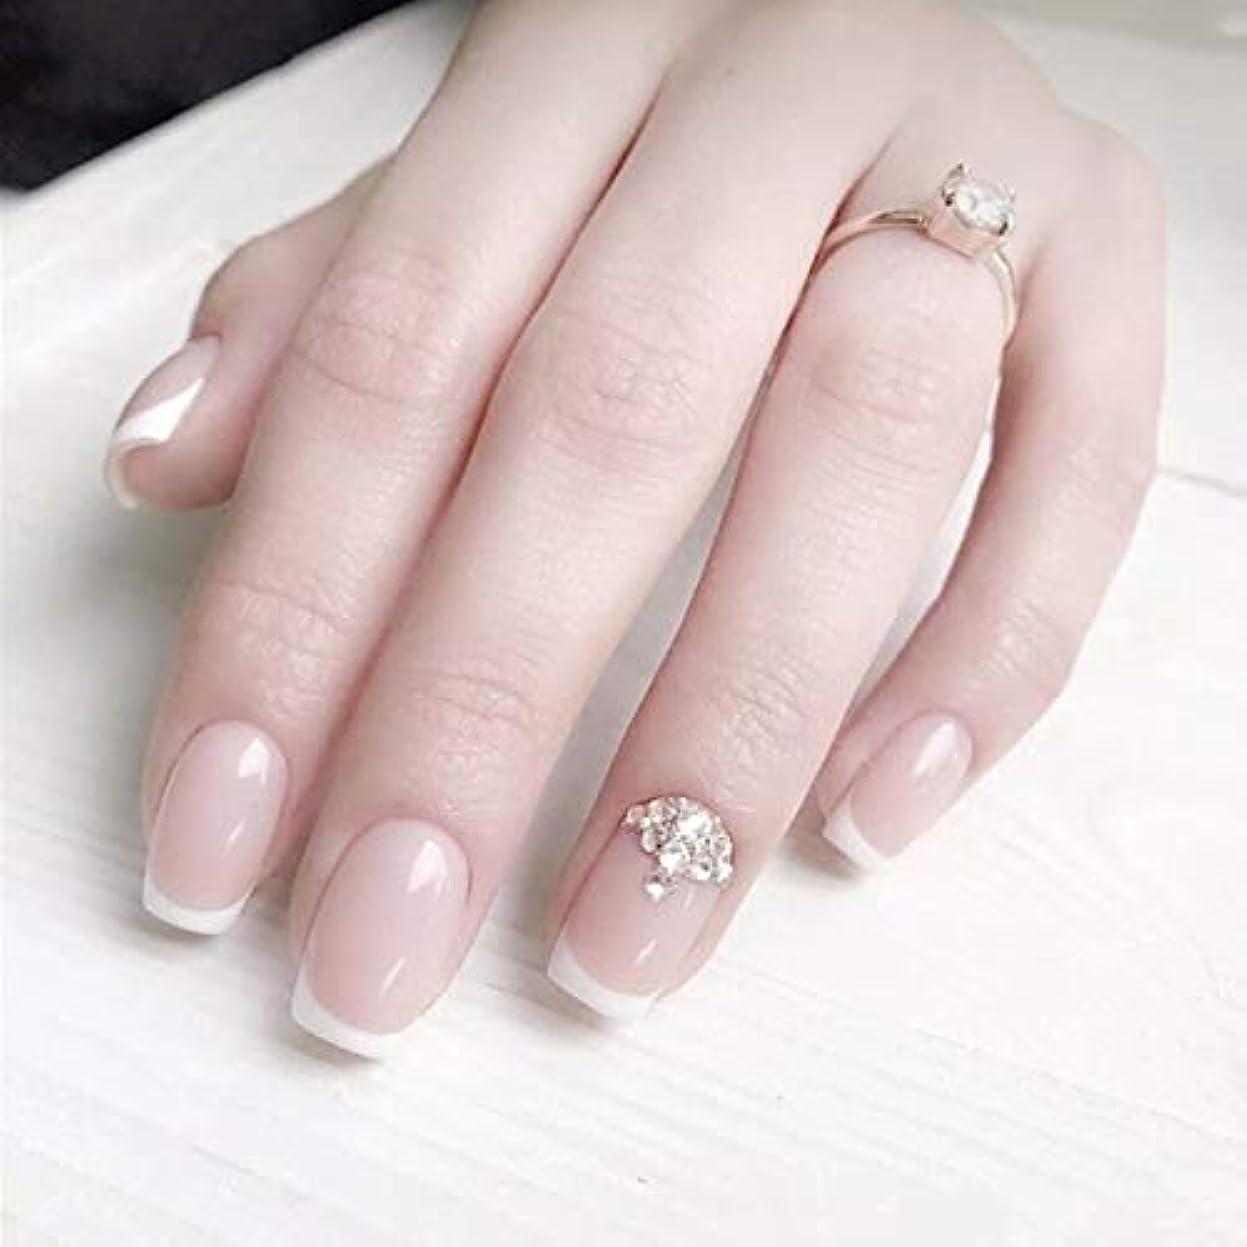 エスカレーター法医学腸ロマンチックのフランス風ネイルチップ 付け爪 花嫁ネイルパーツ つけ爪 ネイルジュエリー ネイルアート